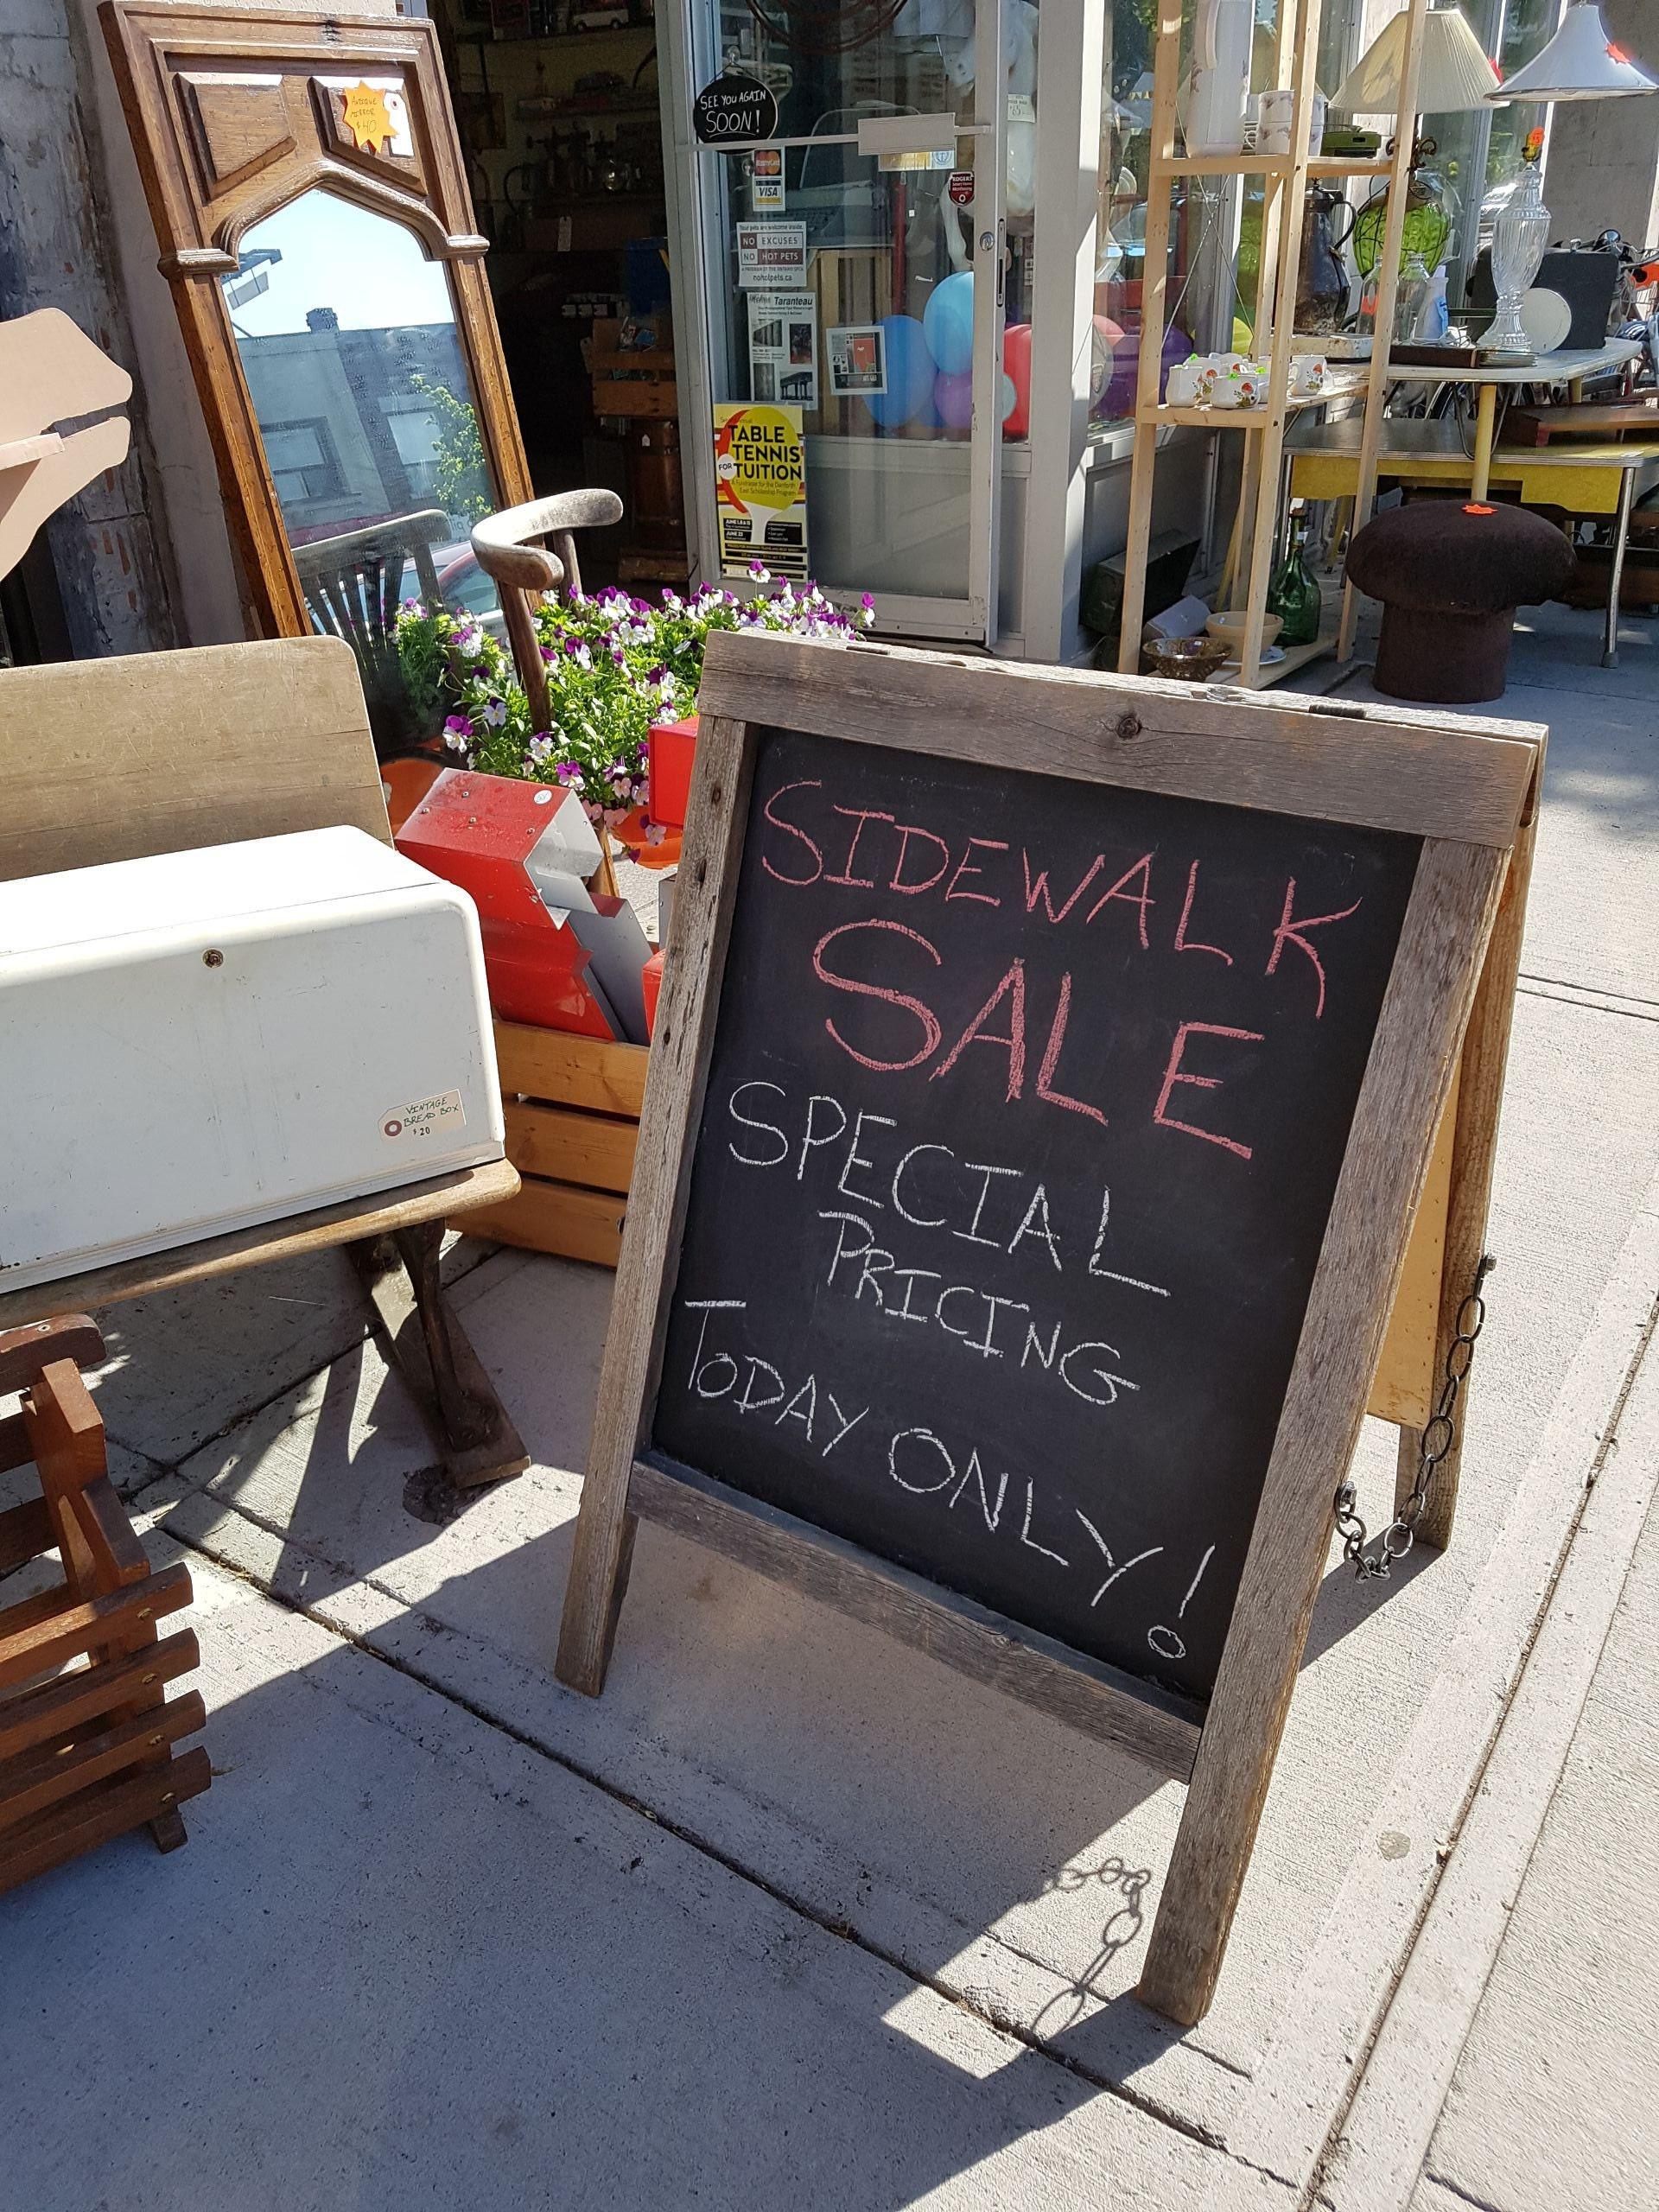 2017 Sidewalk Sale